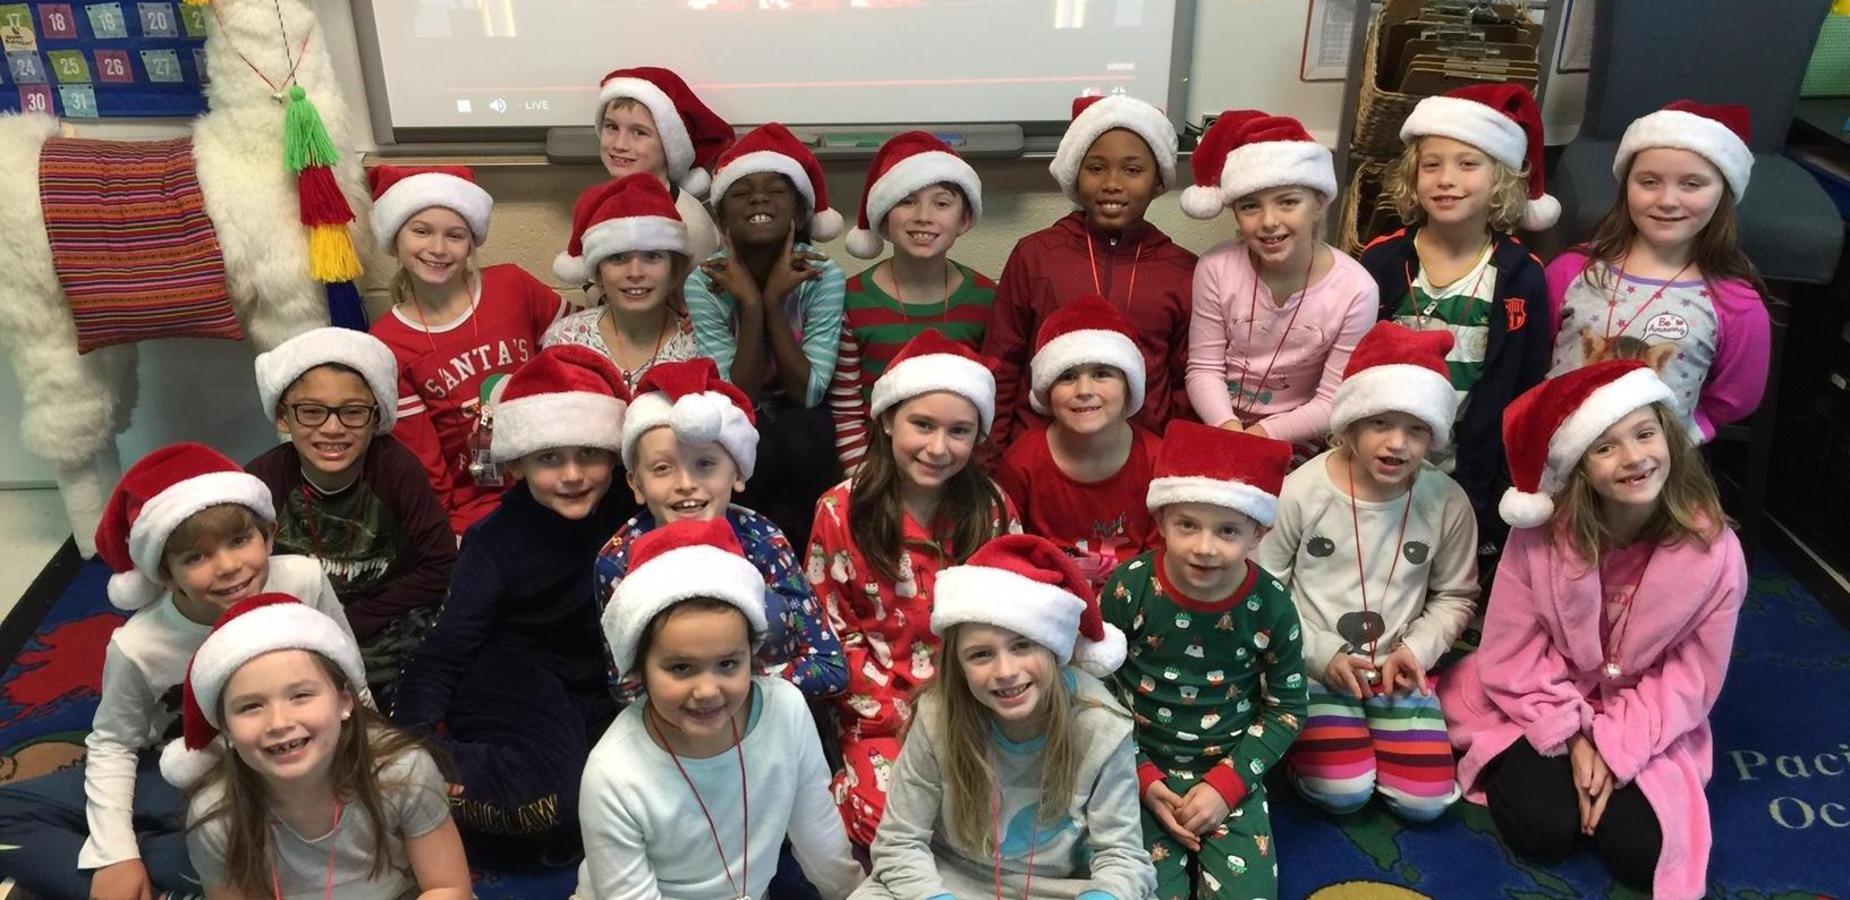 Students wearing pajamas and Santa hats